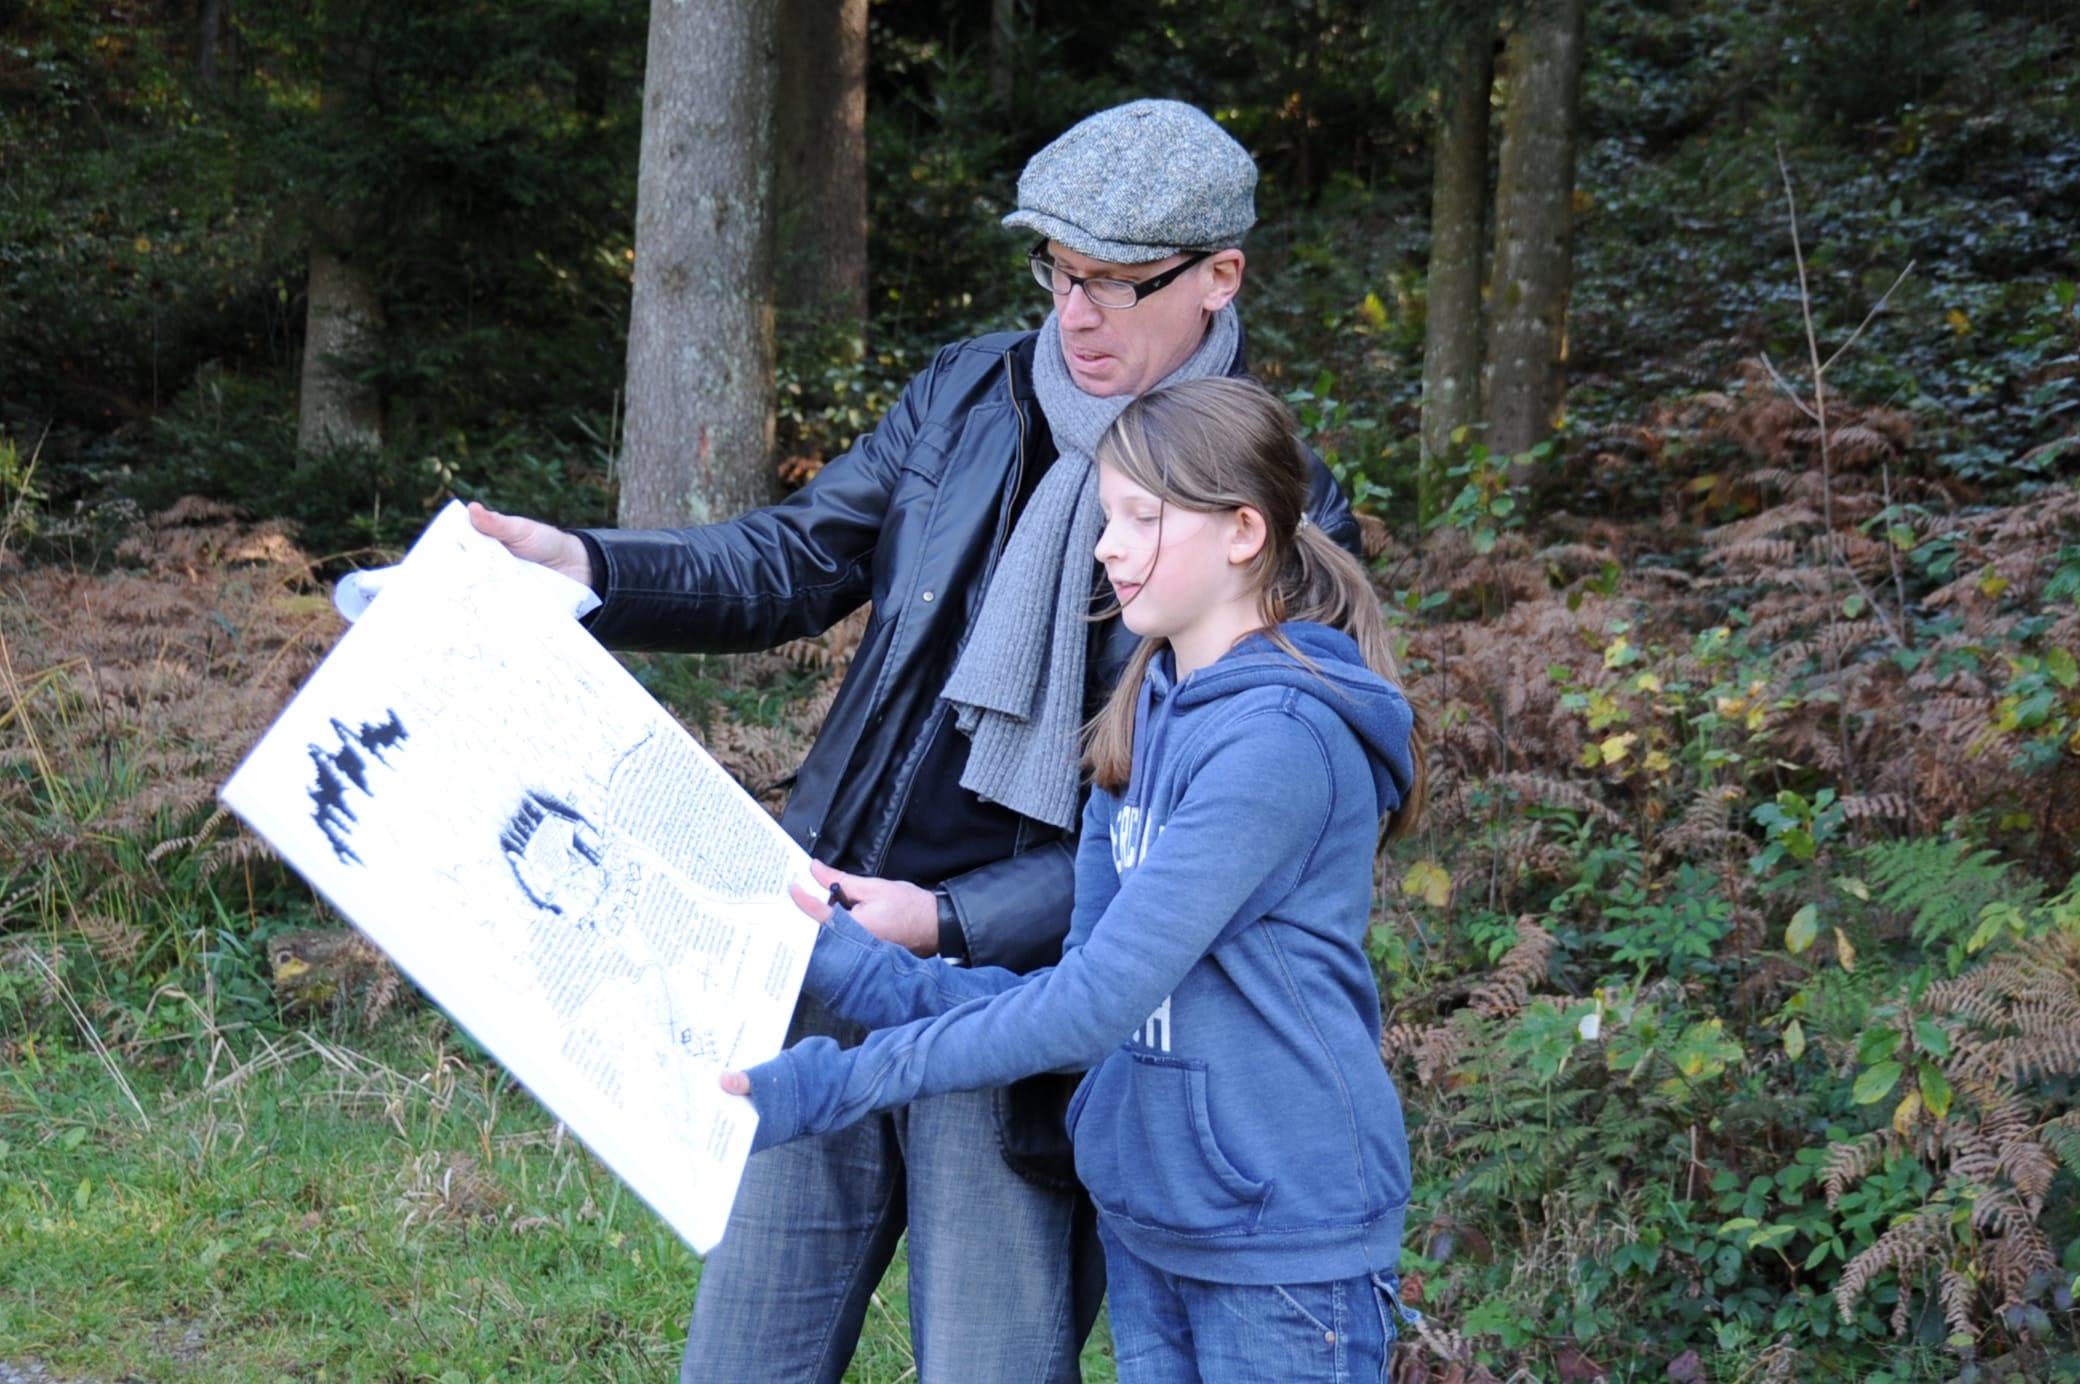 Sjoerd van Rooijen – the cartoonist